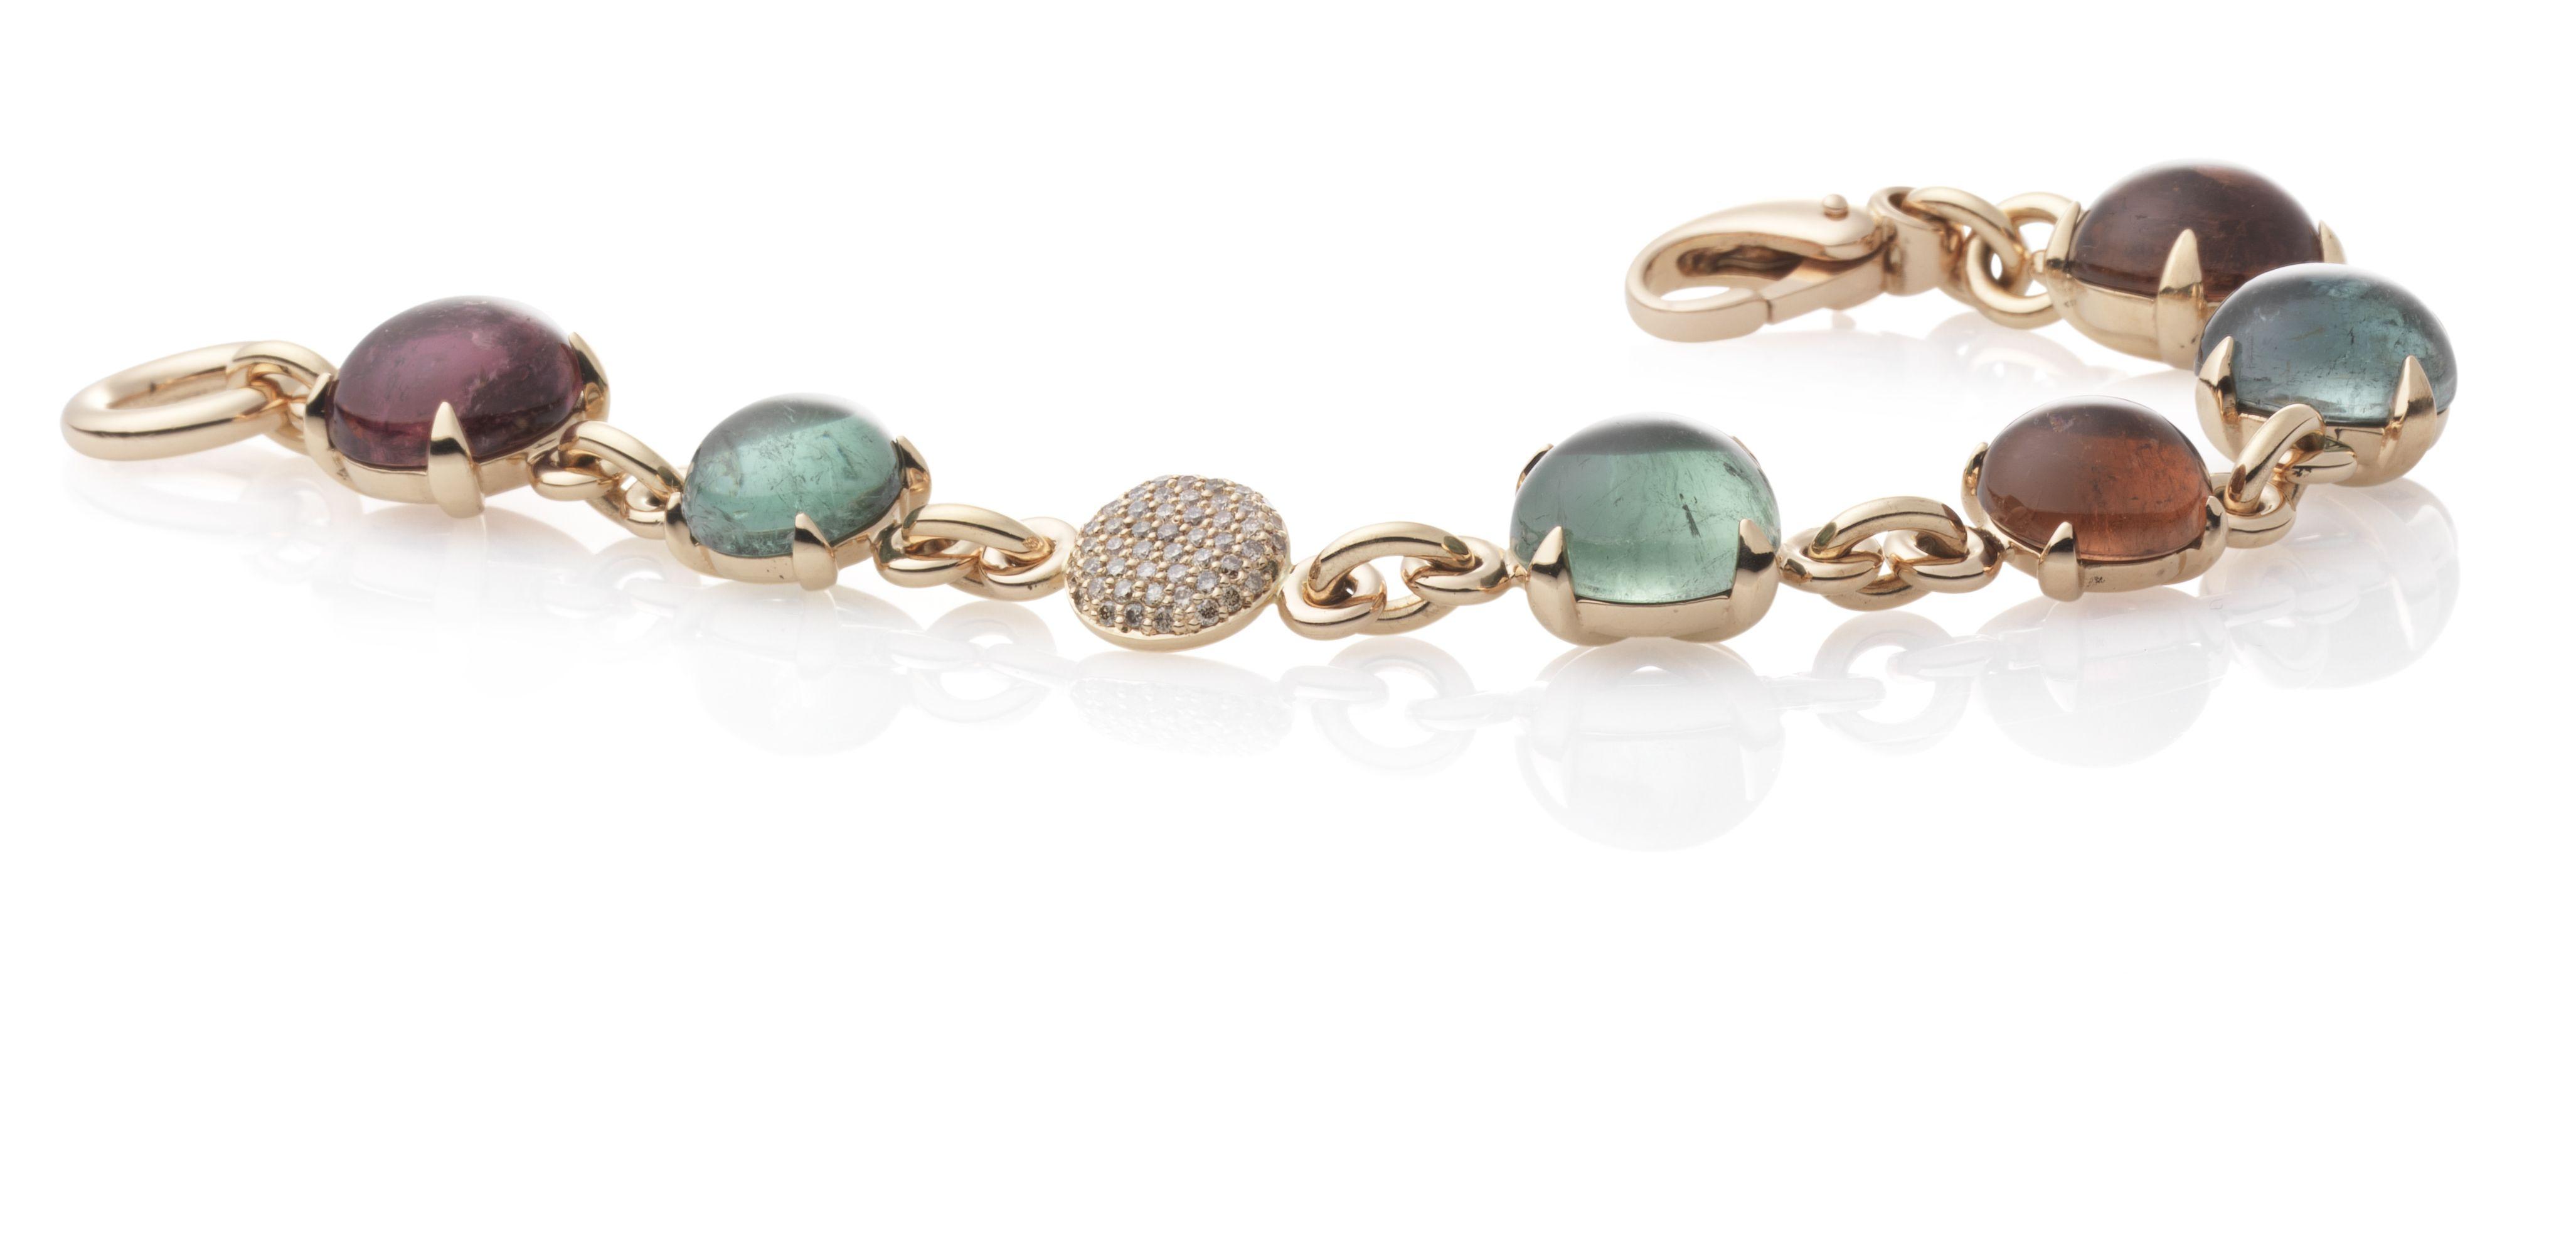 Armband met toermalijn. #BronJewelry is te koop bij Rob Lanckohr, Atelier voor Juwelen. www.lanckohr.nl